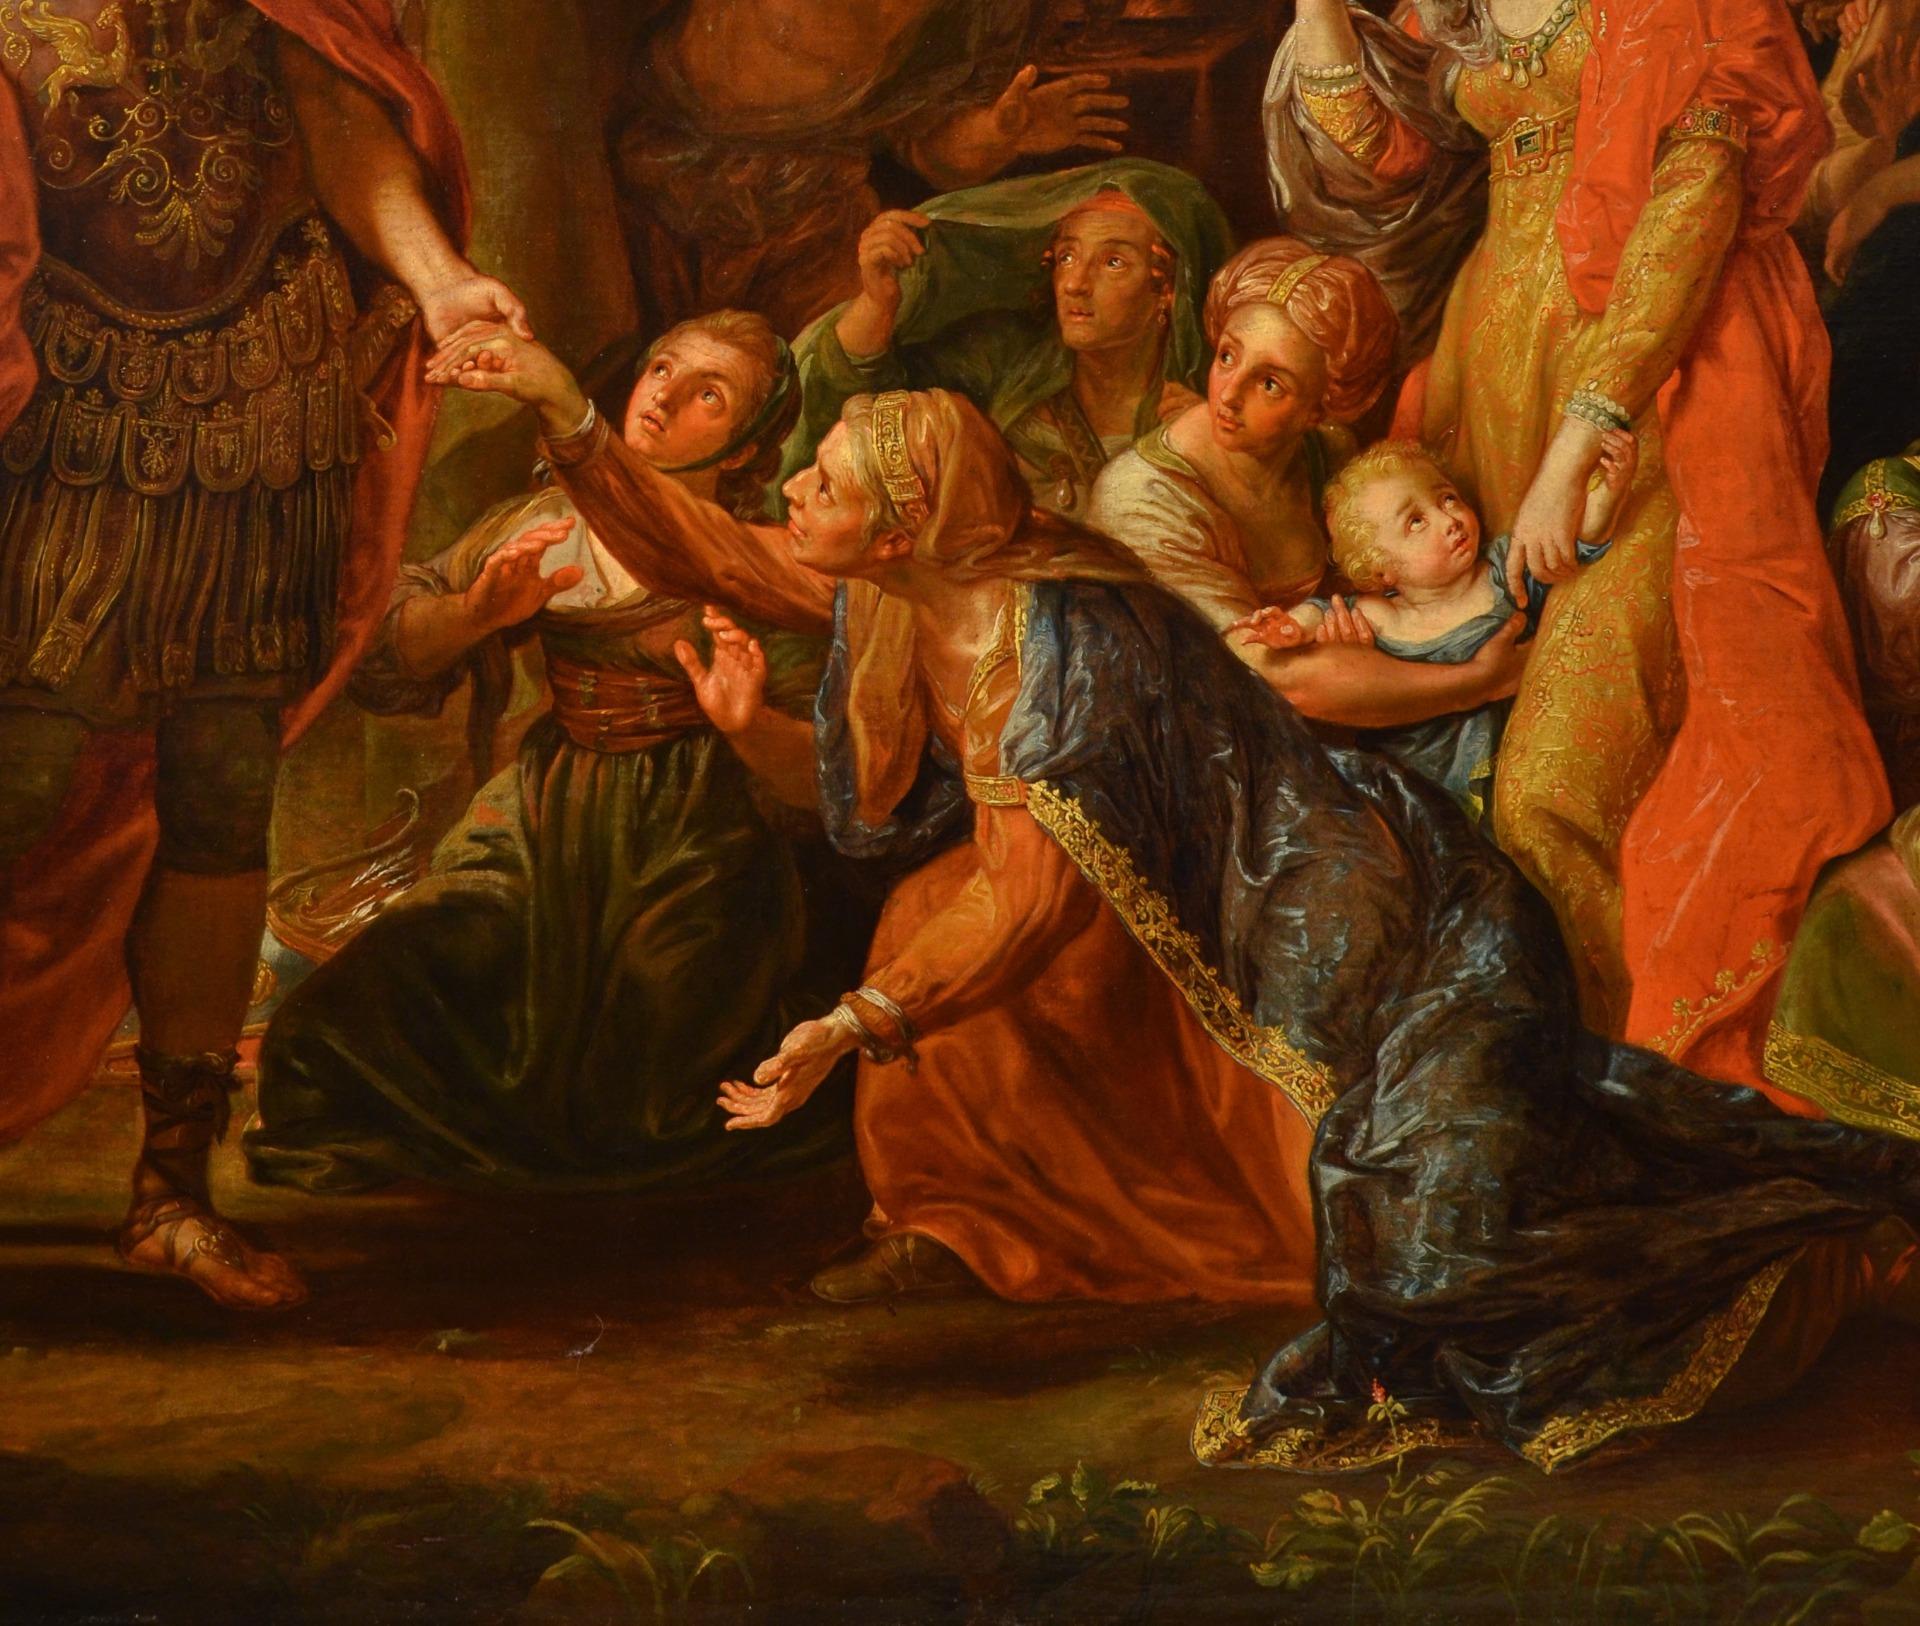 thumb7|Alessandro Magno visita la famiglia di Dario, Pompeo Girolamo Batoni (Lucca 1708 – Roma 1787) e bottega (VENDUTO)